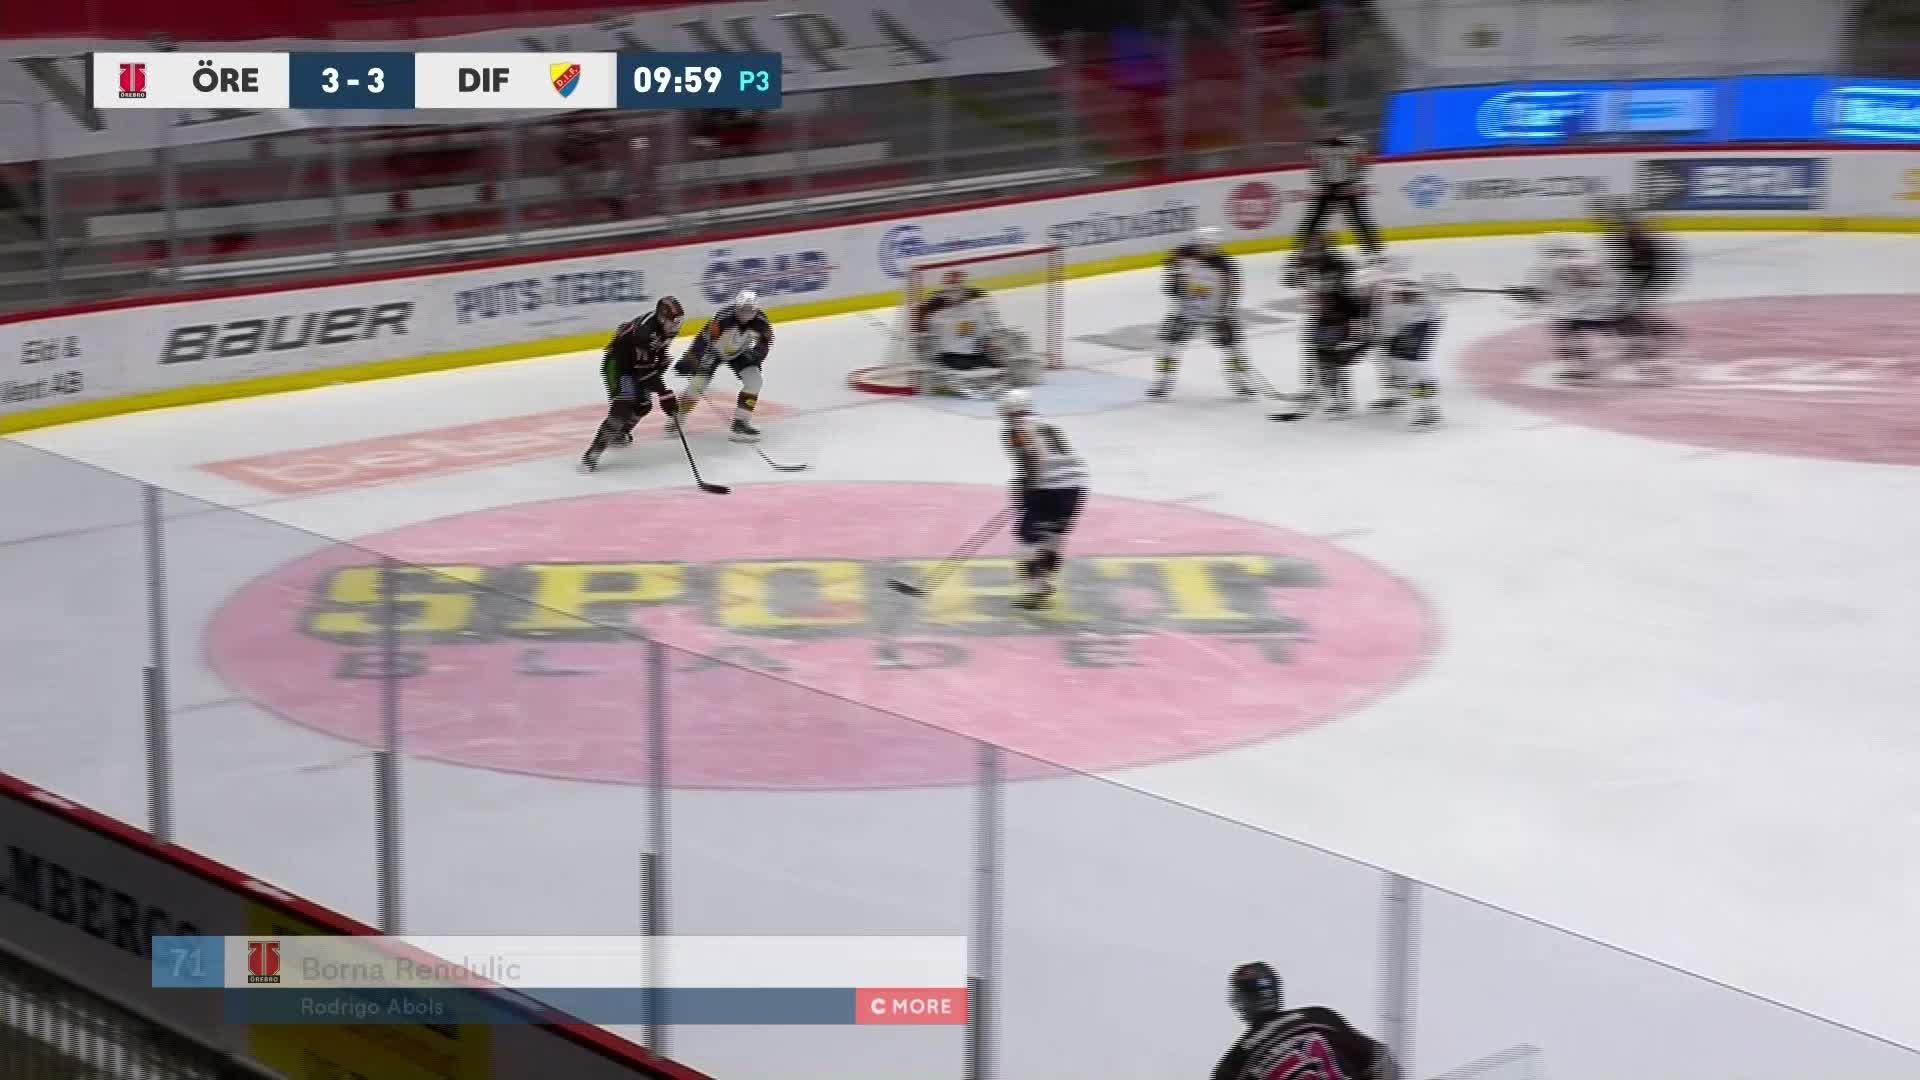 Örebro Hockey - Djurgården Hockey 4-3